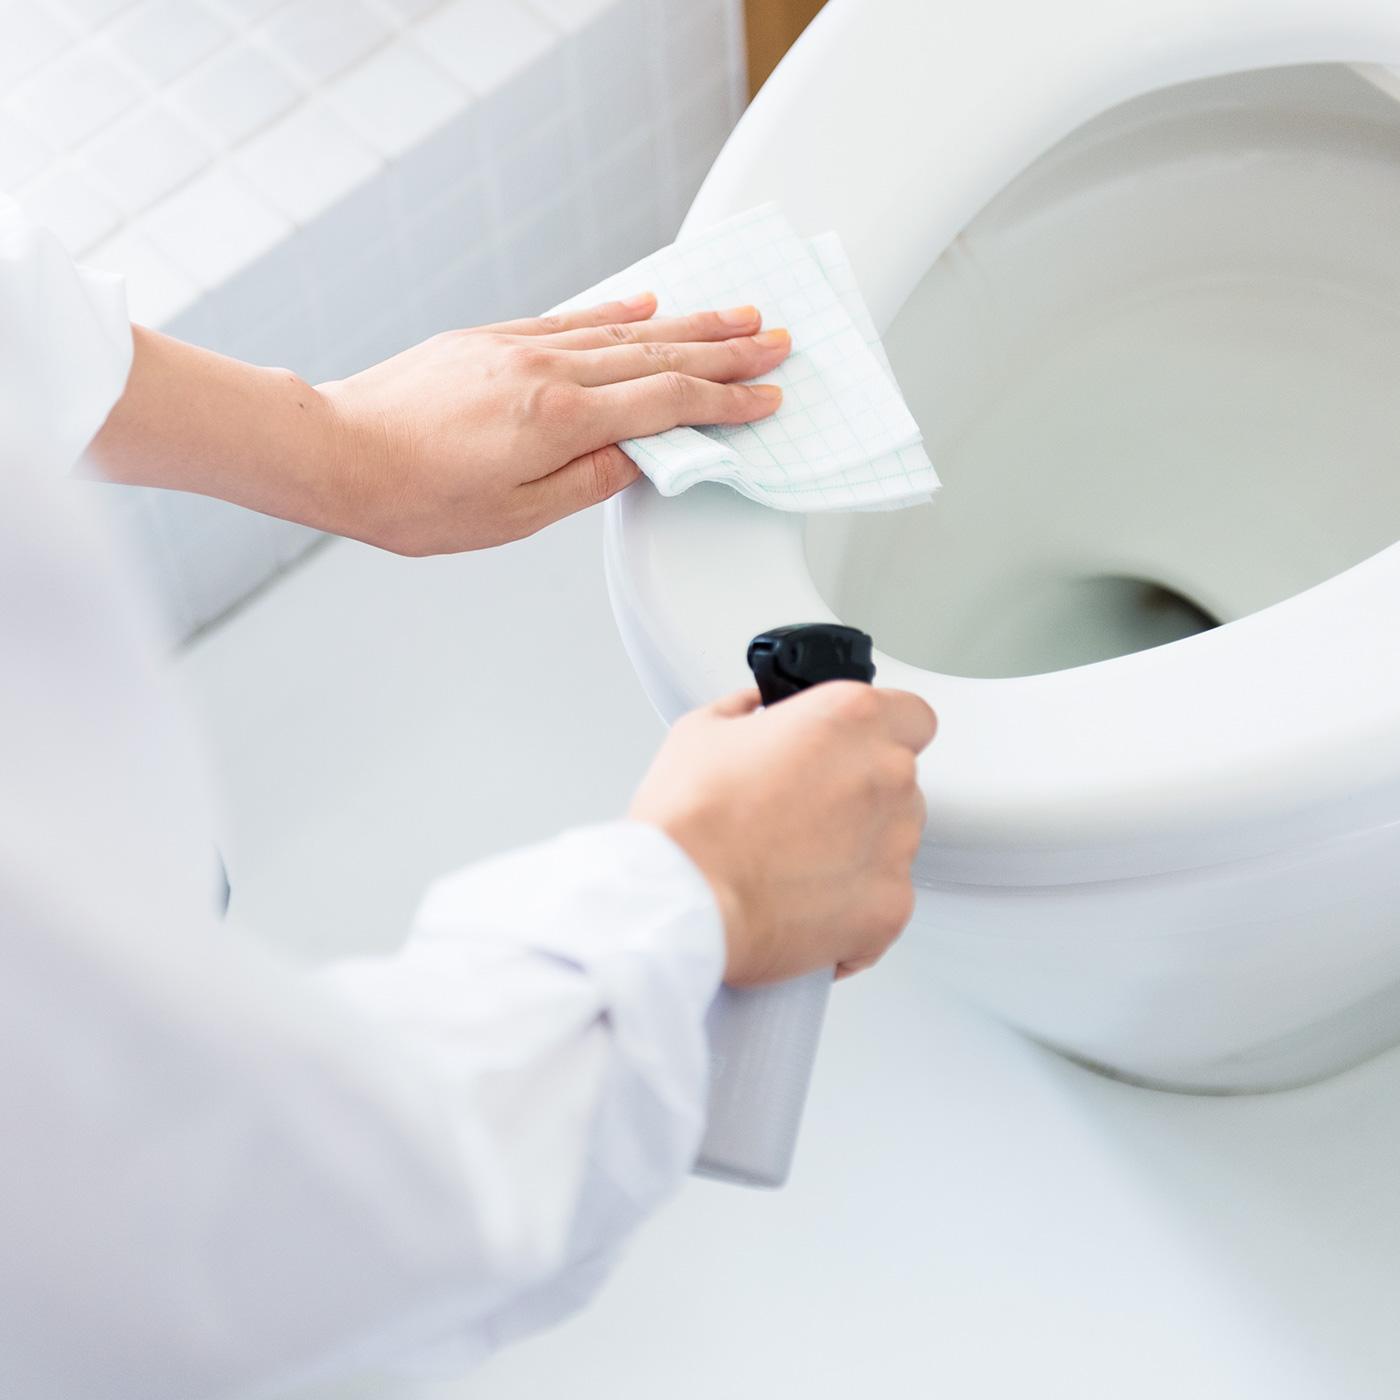 トイレのふちや便座もスプレーしておくことで、汚れたときのふき取り掃除が簡単に。